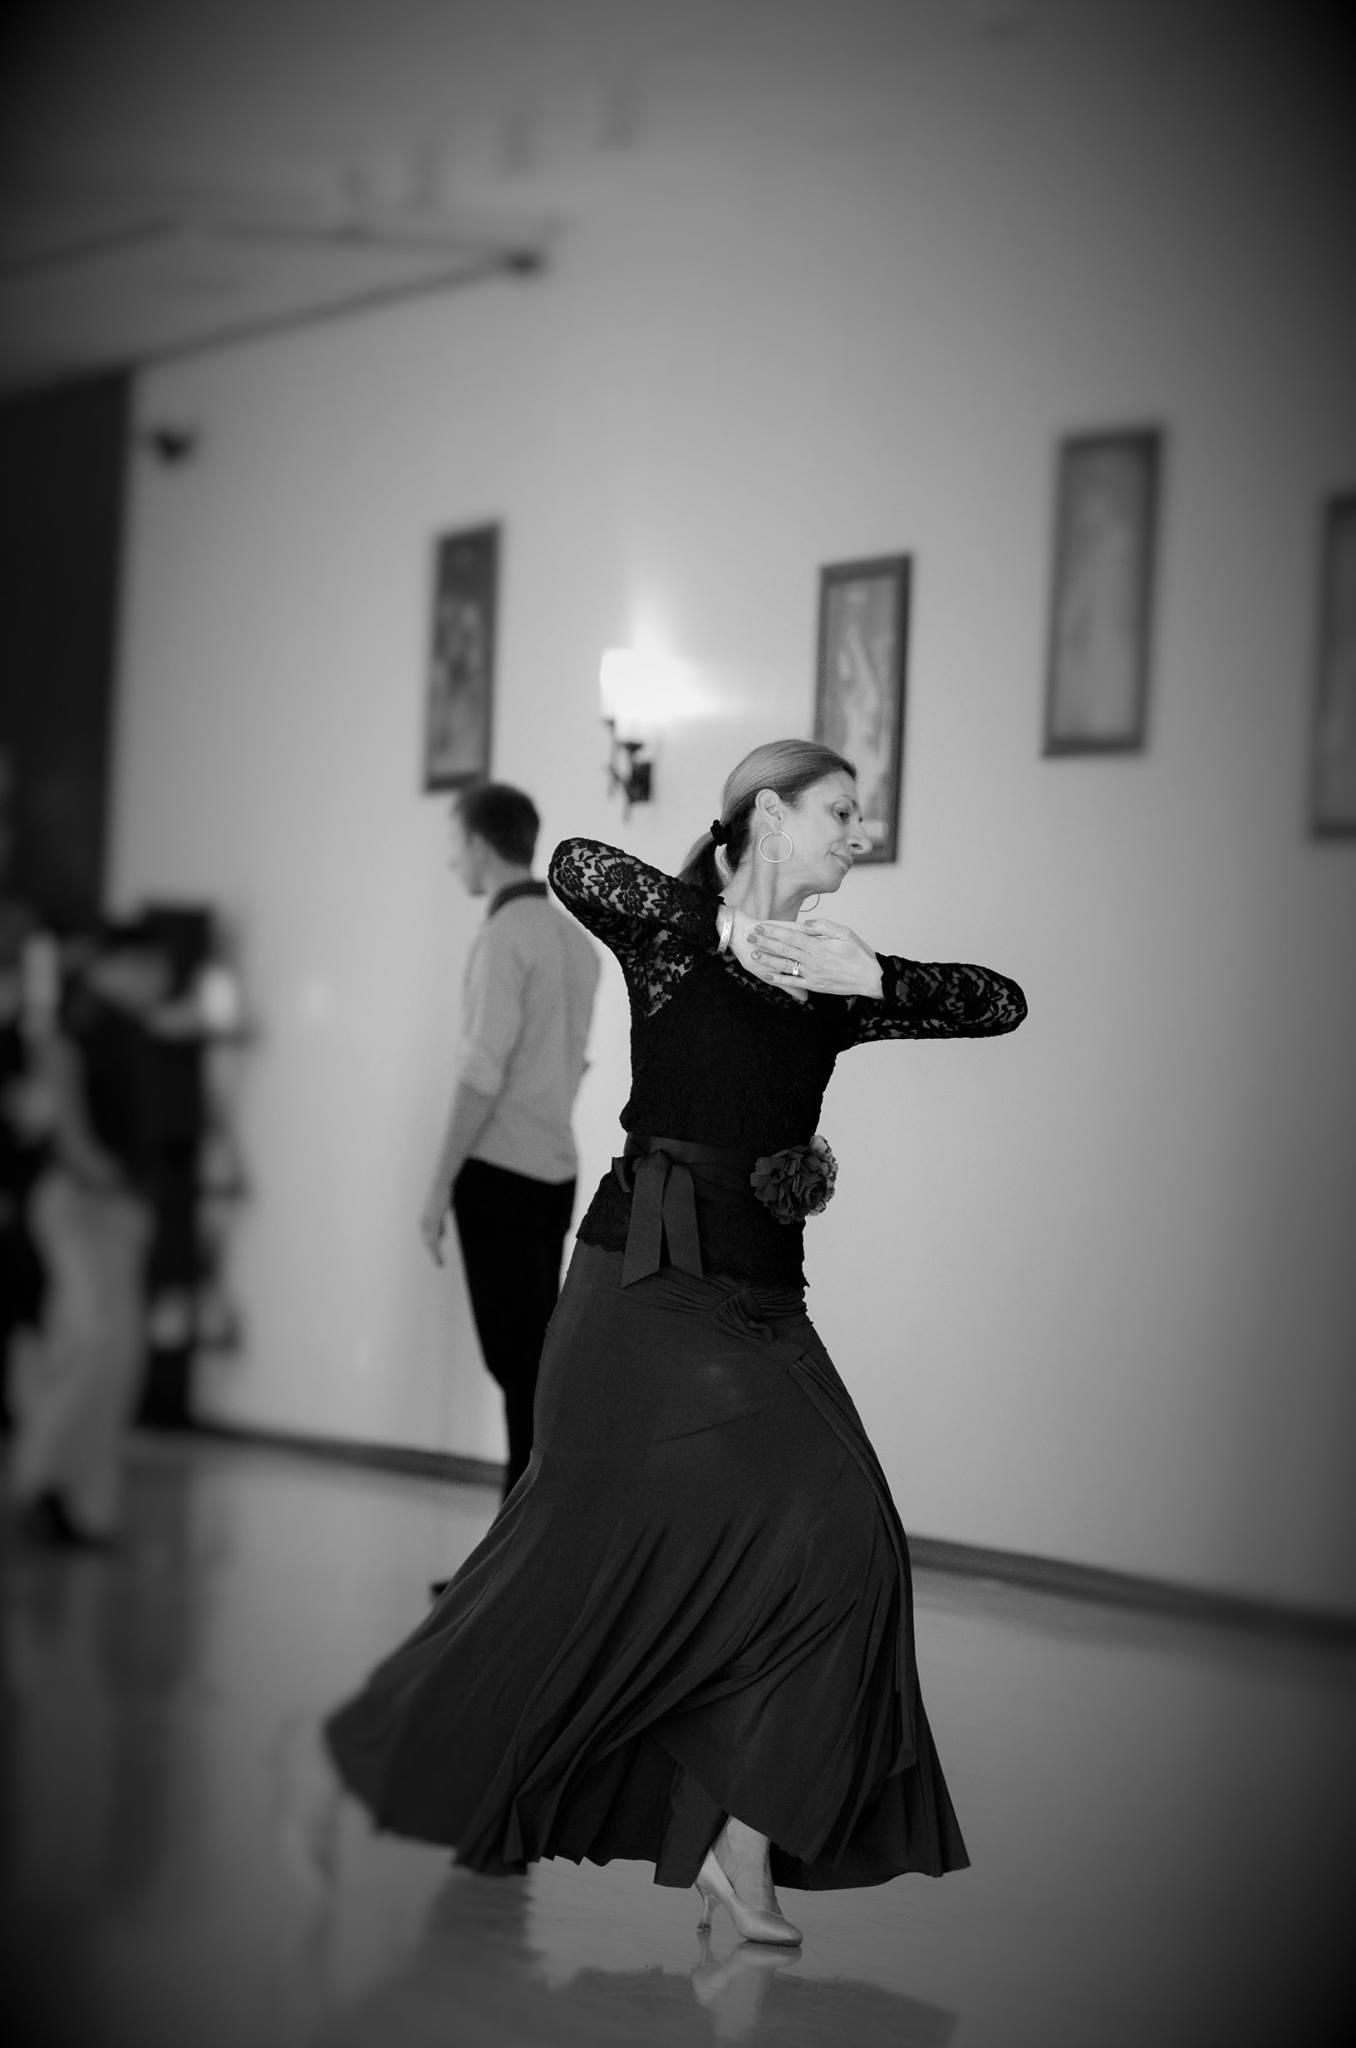 O on Ballroom Dance Steps For Beginners